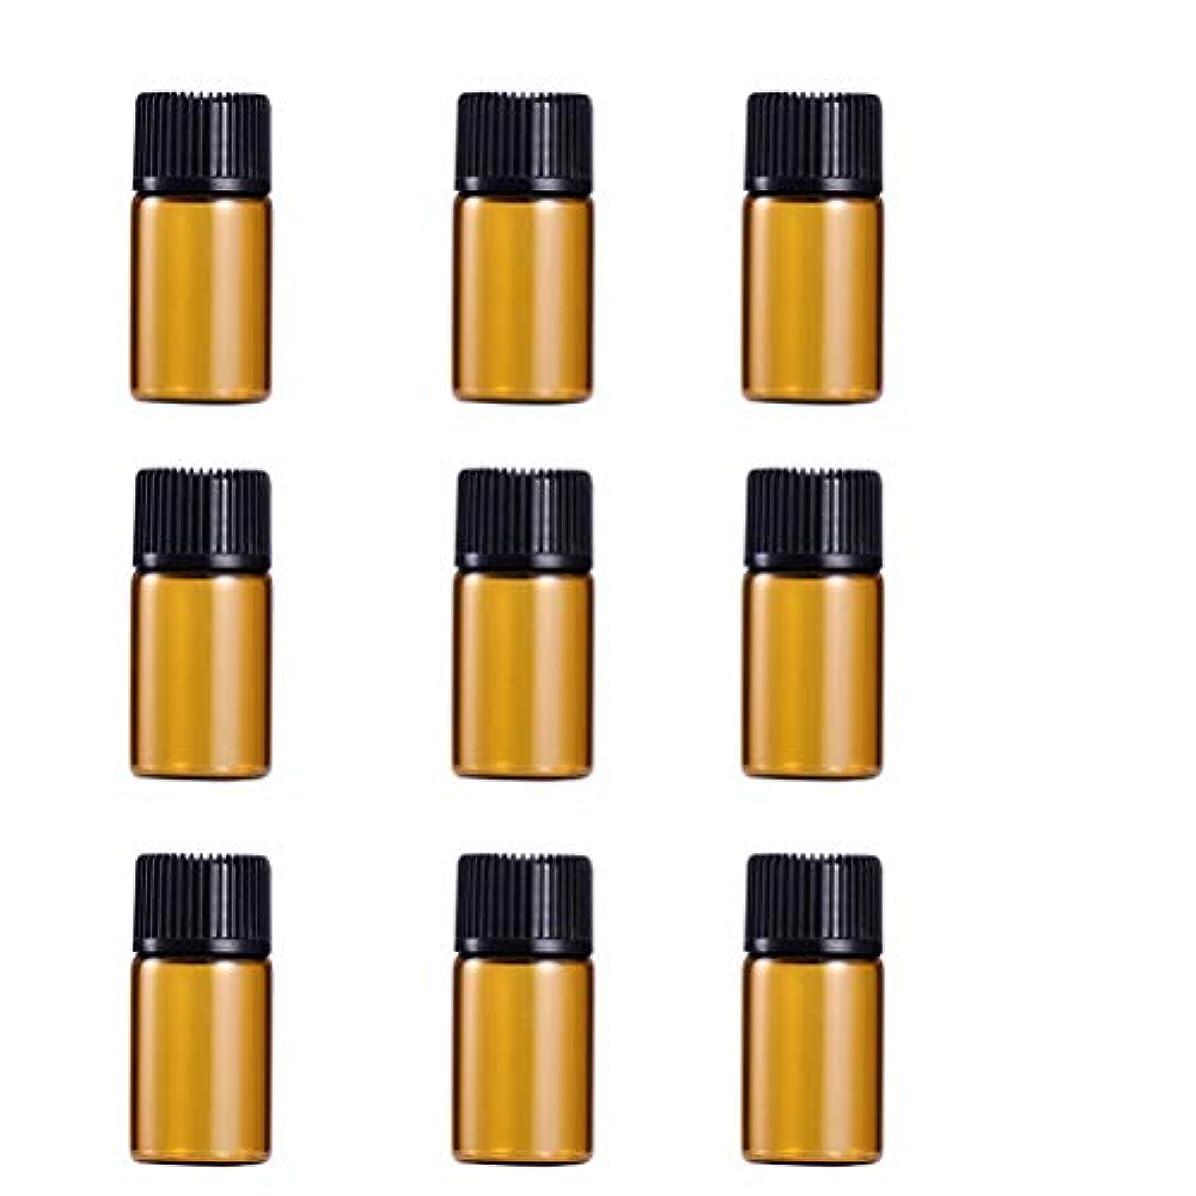 ご飯地図大臣WINOMO 遮光瓶 アロマオイル 精油 小分け用 遮光瓶セット アロマボトル 保存容器 エッセンシャルオイル 香水 保存用 詰替え ガラス 茶色(9個入り 3ml)